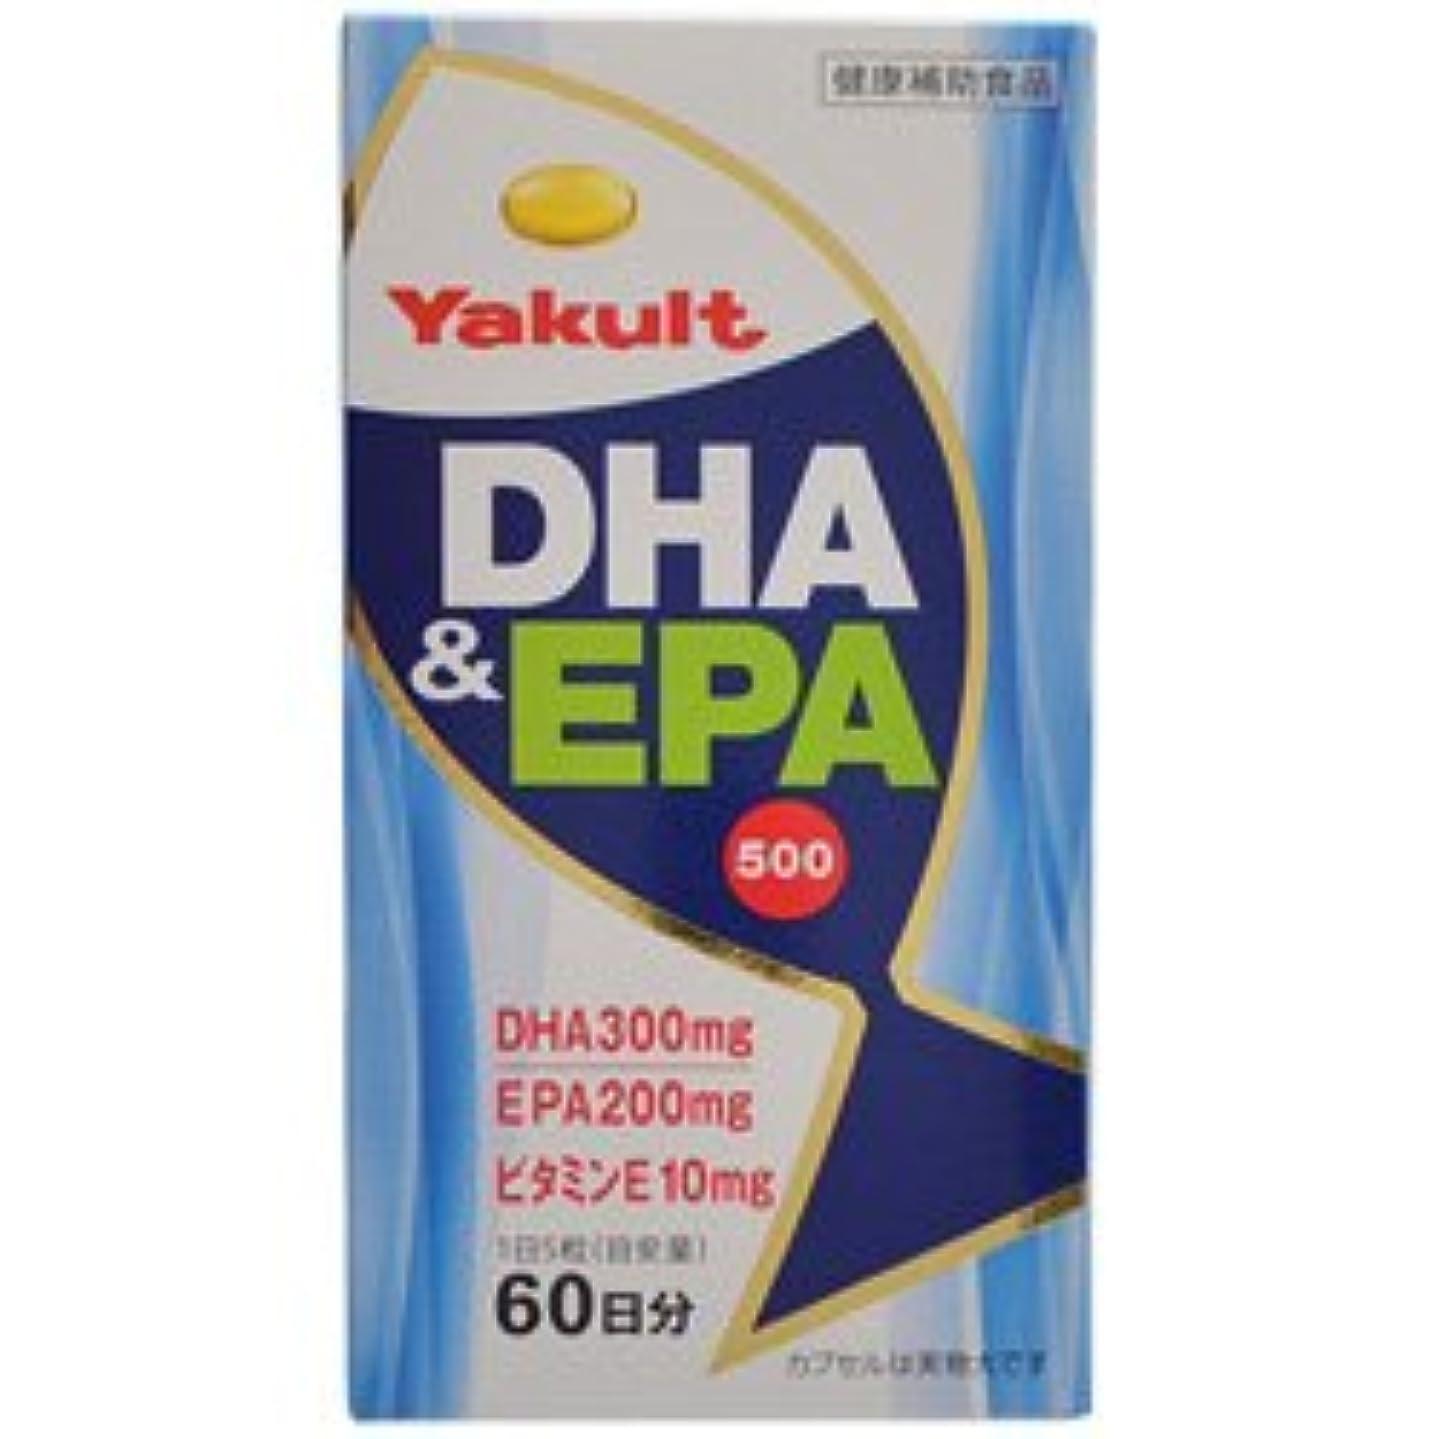 品作家テレビ局【ヤクルトヘルスフーズ】DHA&EPA 500 300粒 ×20個セット